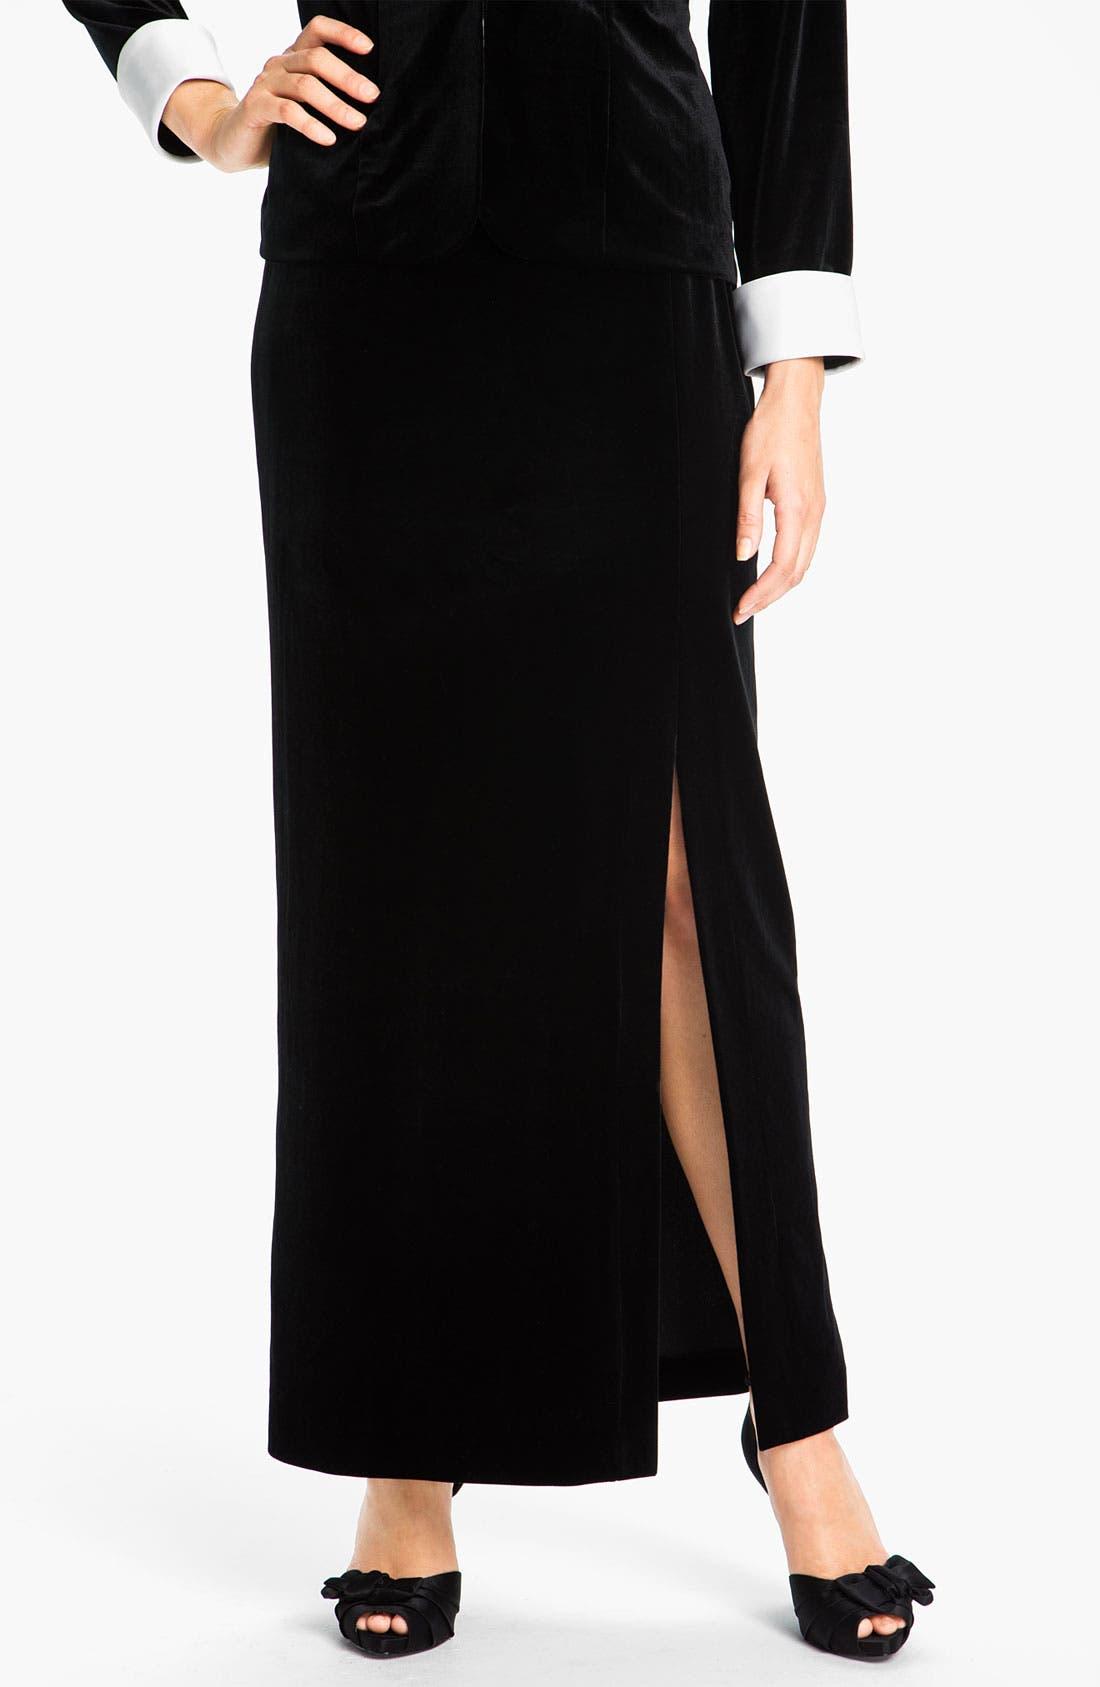 Alternate Image 1 Selected - Alex Evenings Side Slit Velvet Skirt (Petite)